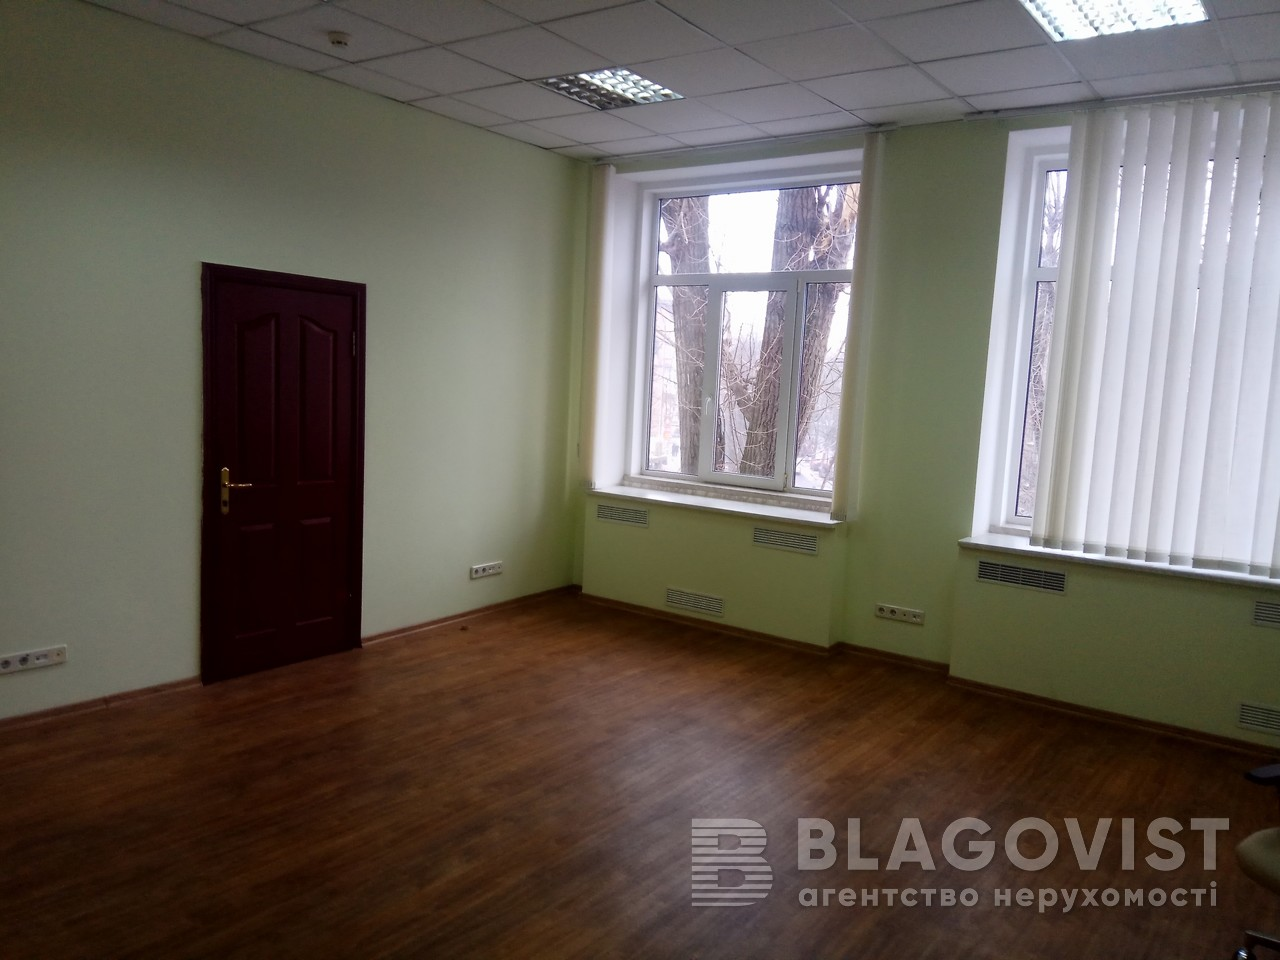 Нежитлове приміщення, P-30038, Дніпровська наб., Київ - Фото 11